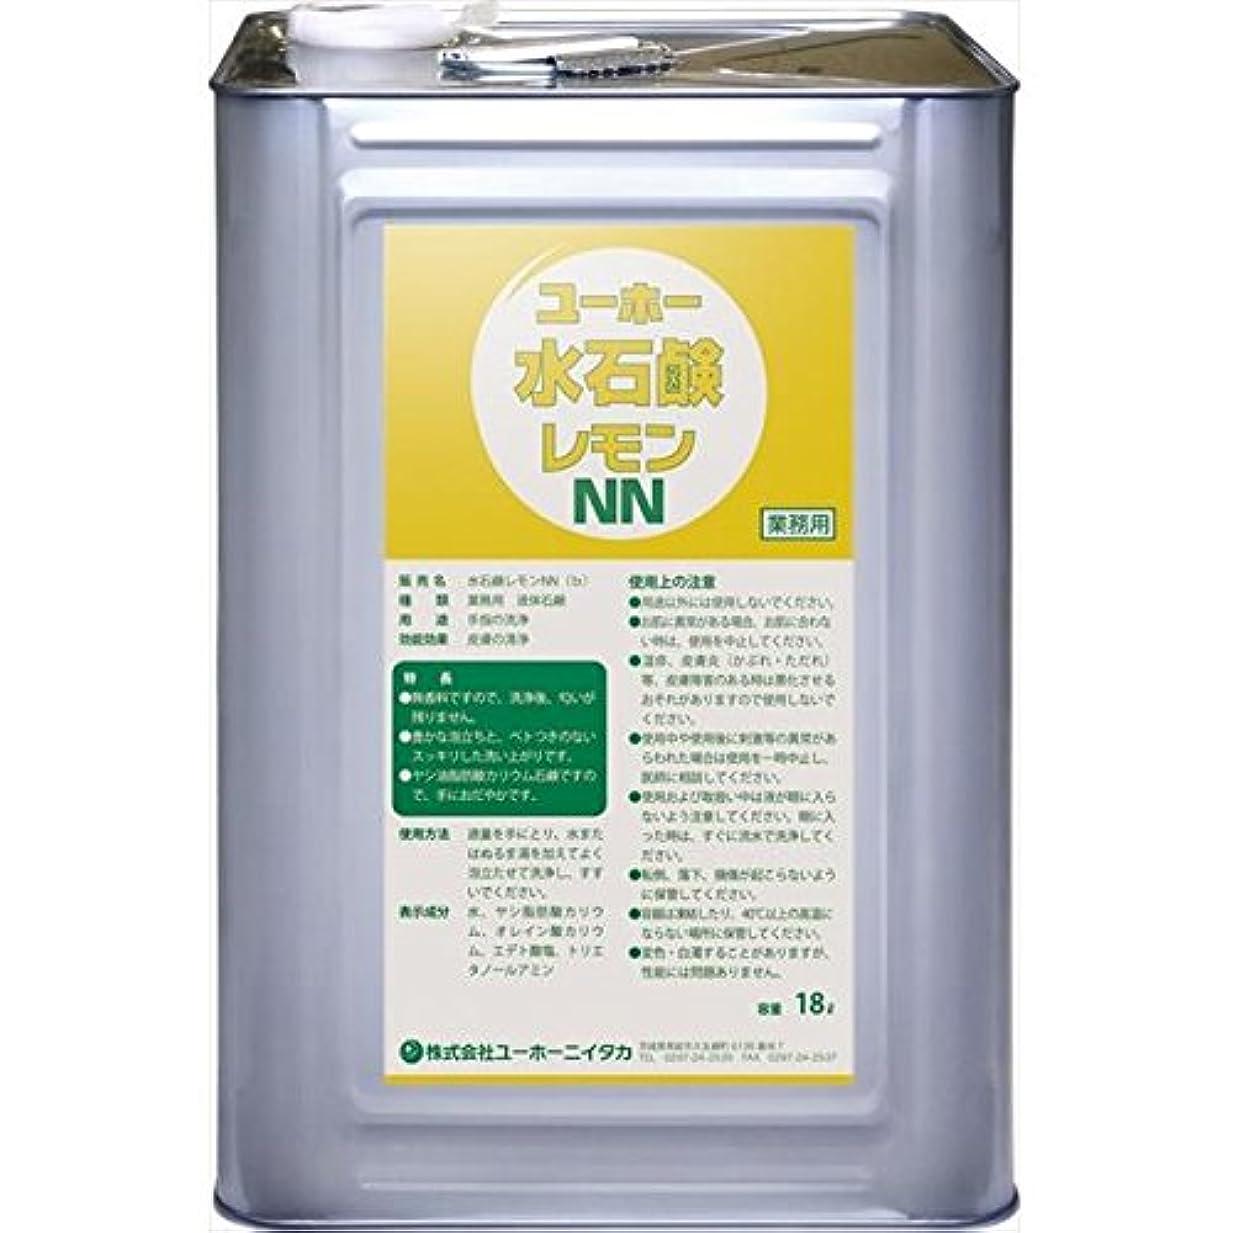 ブーストメーカー製作ユーホーニイタカ:水石鹸レモンNN 18L 181031